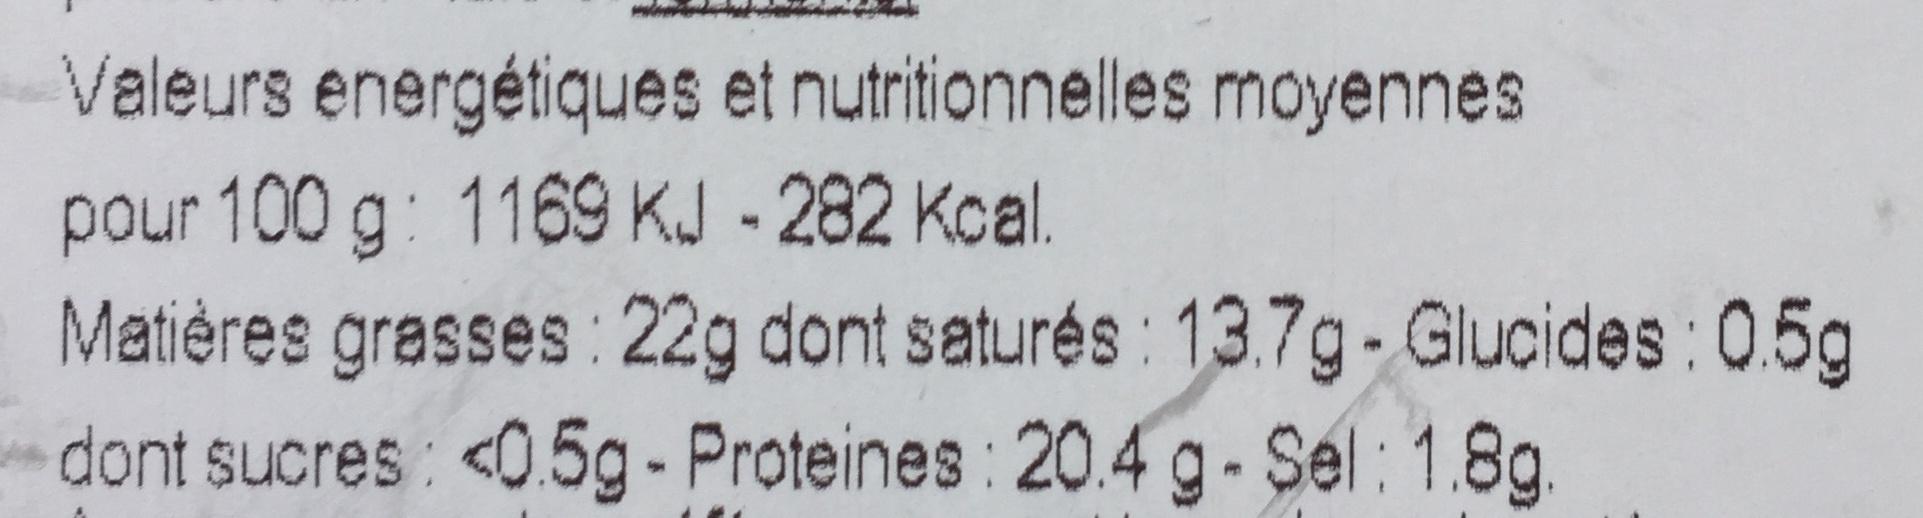 Petit camembert bio - Voedingswaarden - fr